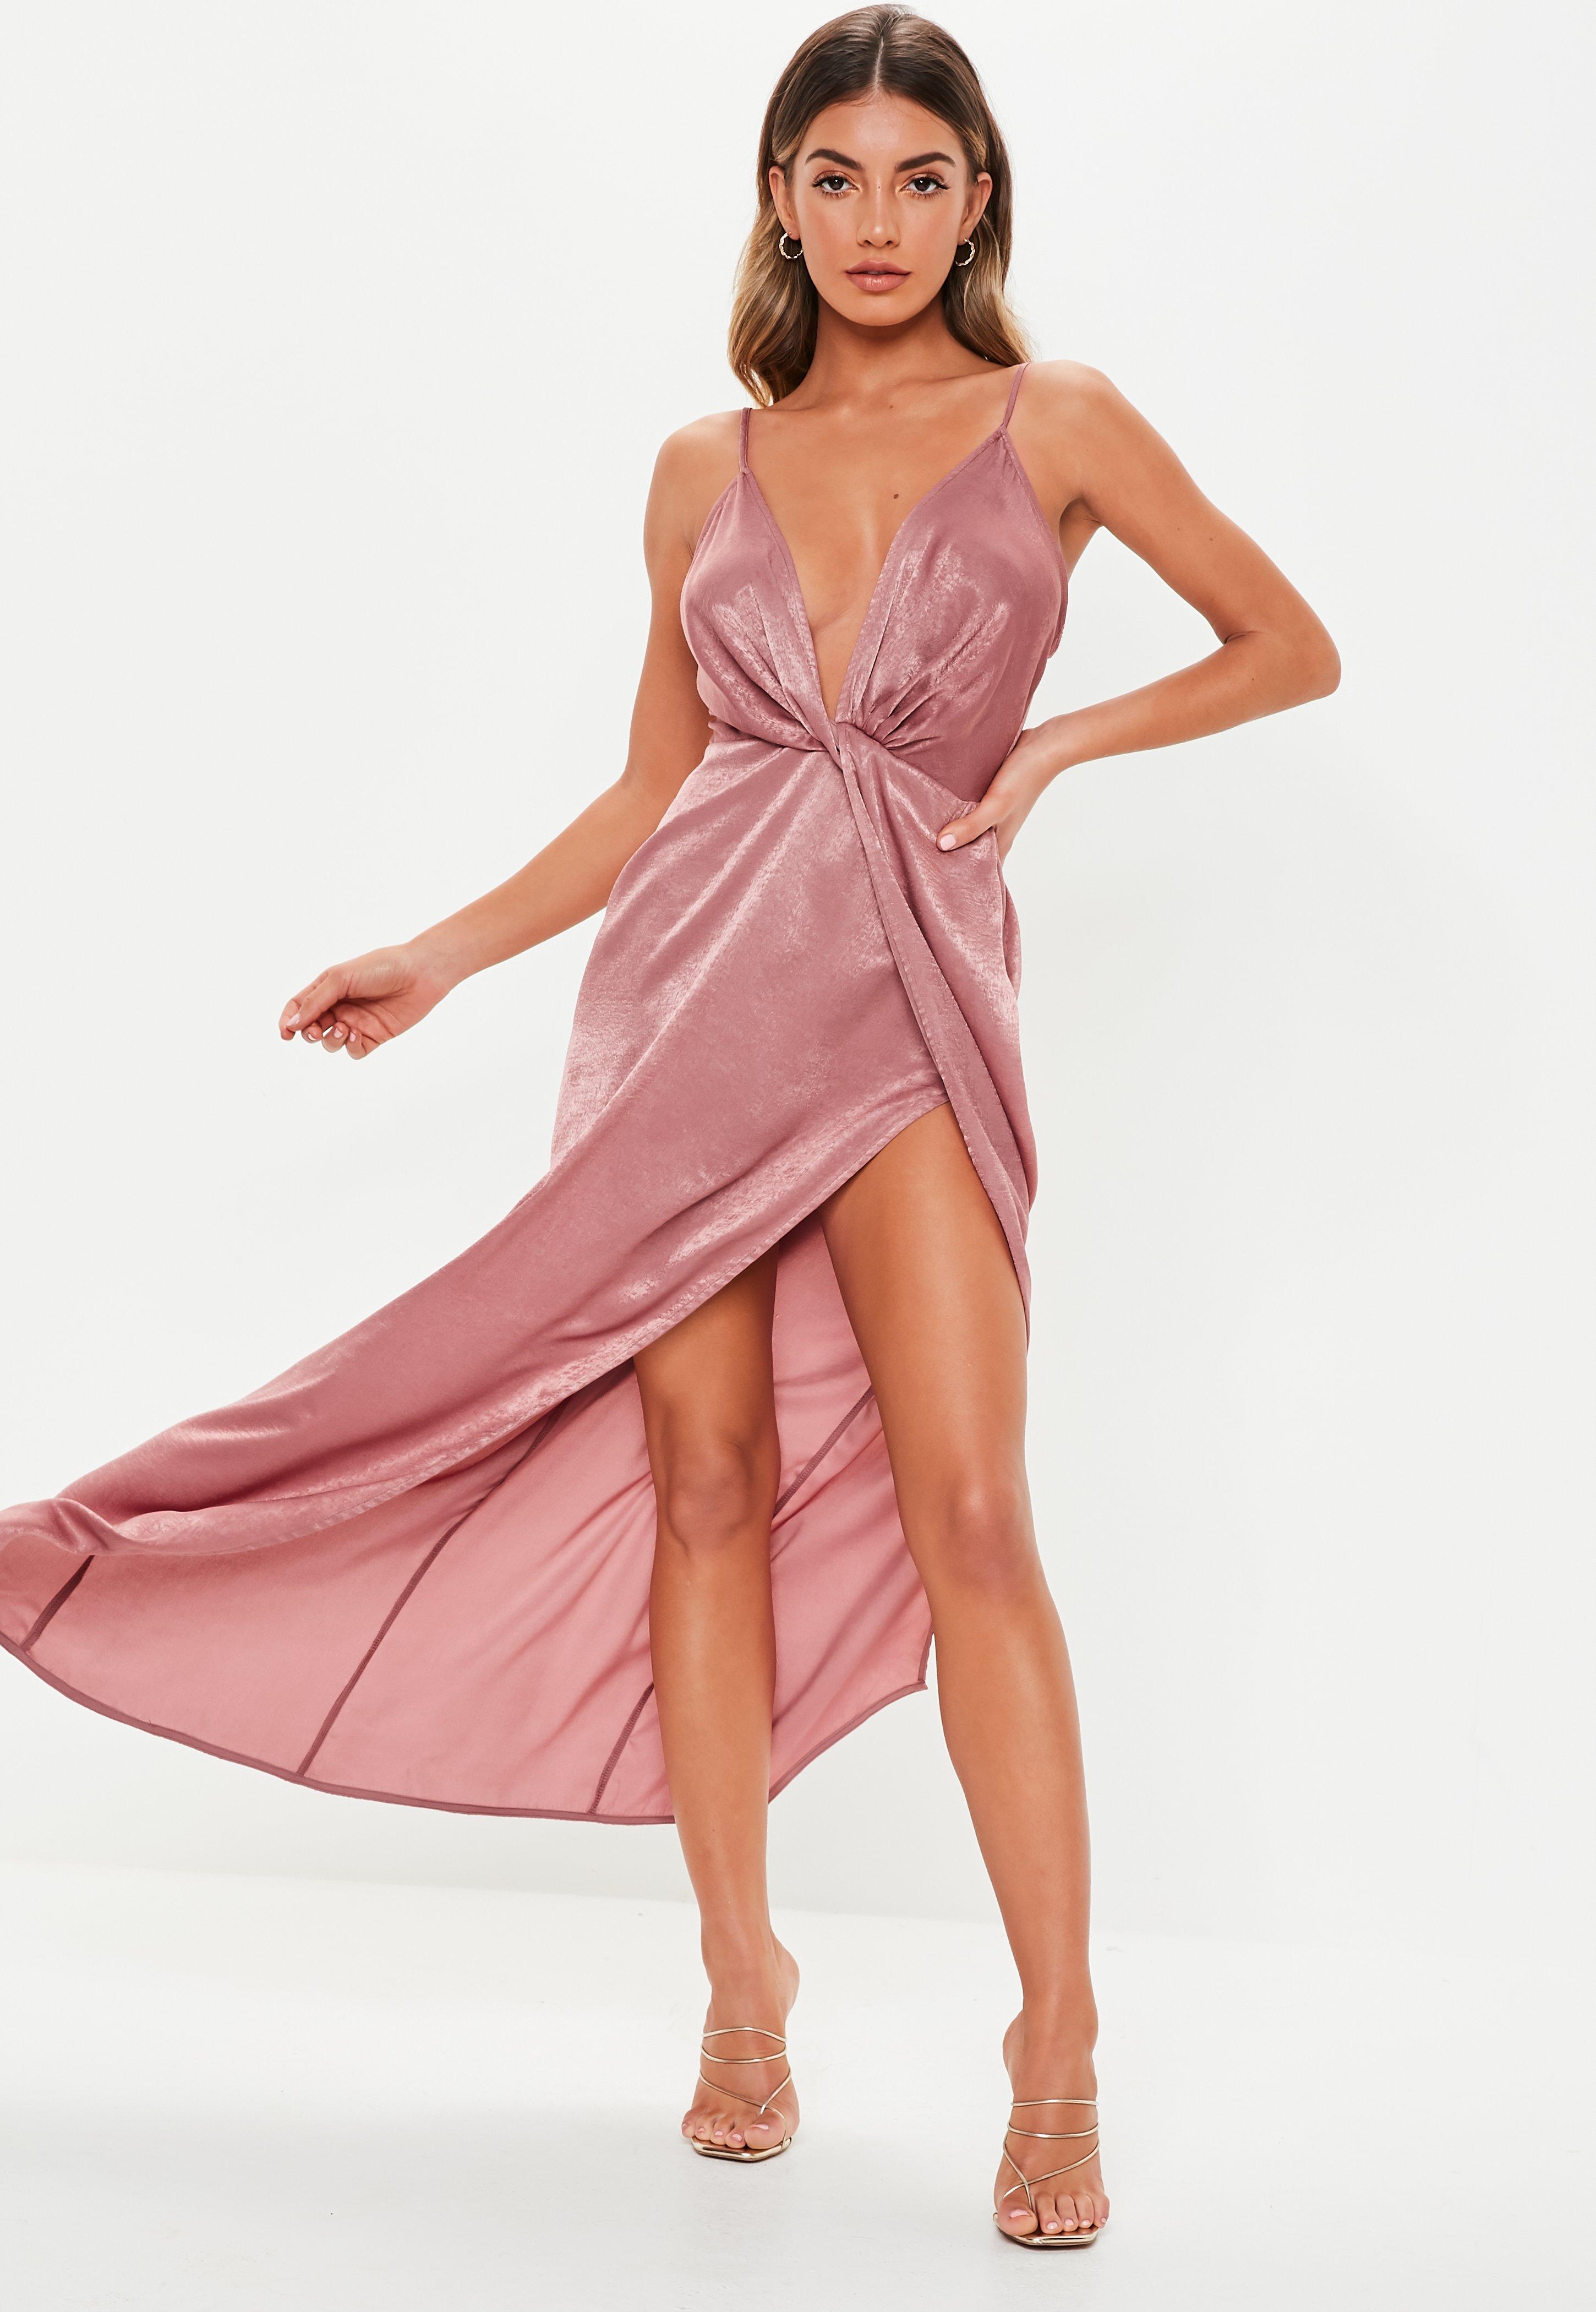 d6e27e3e85e7cd Maxi Dresses | Evening Maxi Dresses | Long Dresses | Missguided